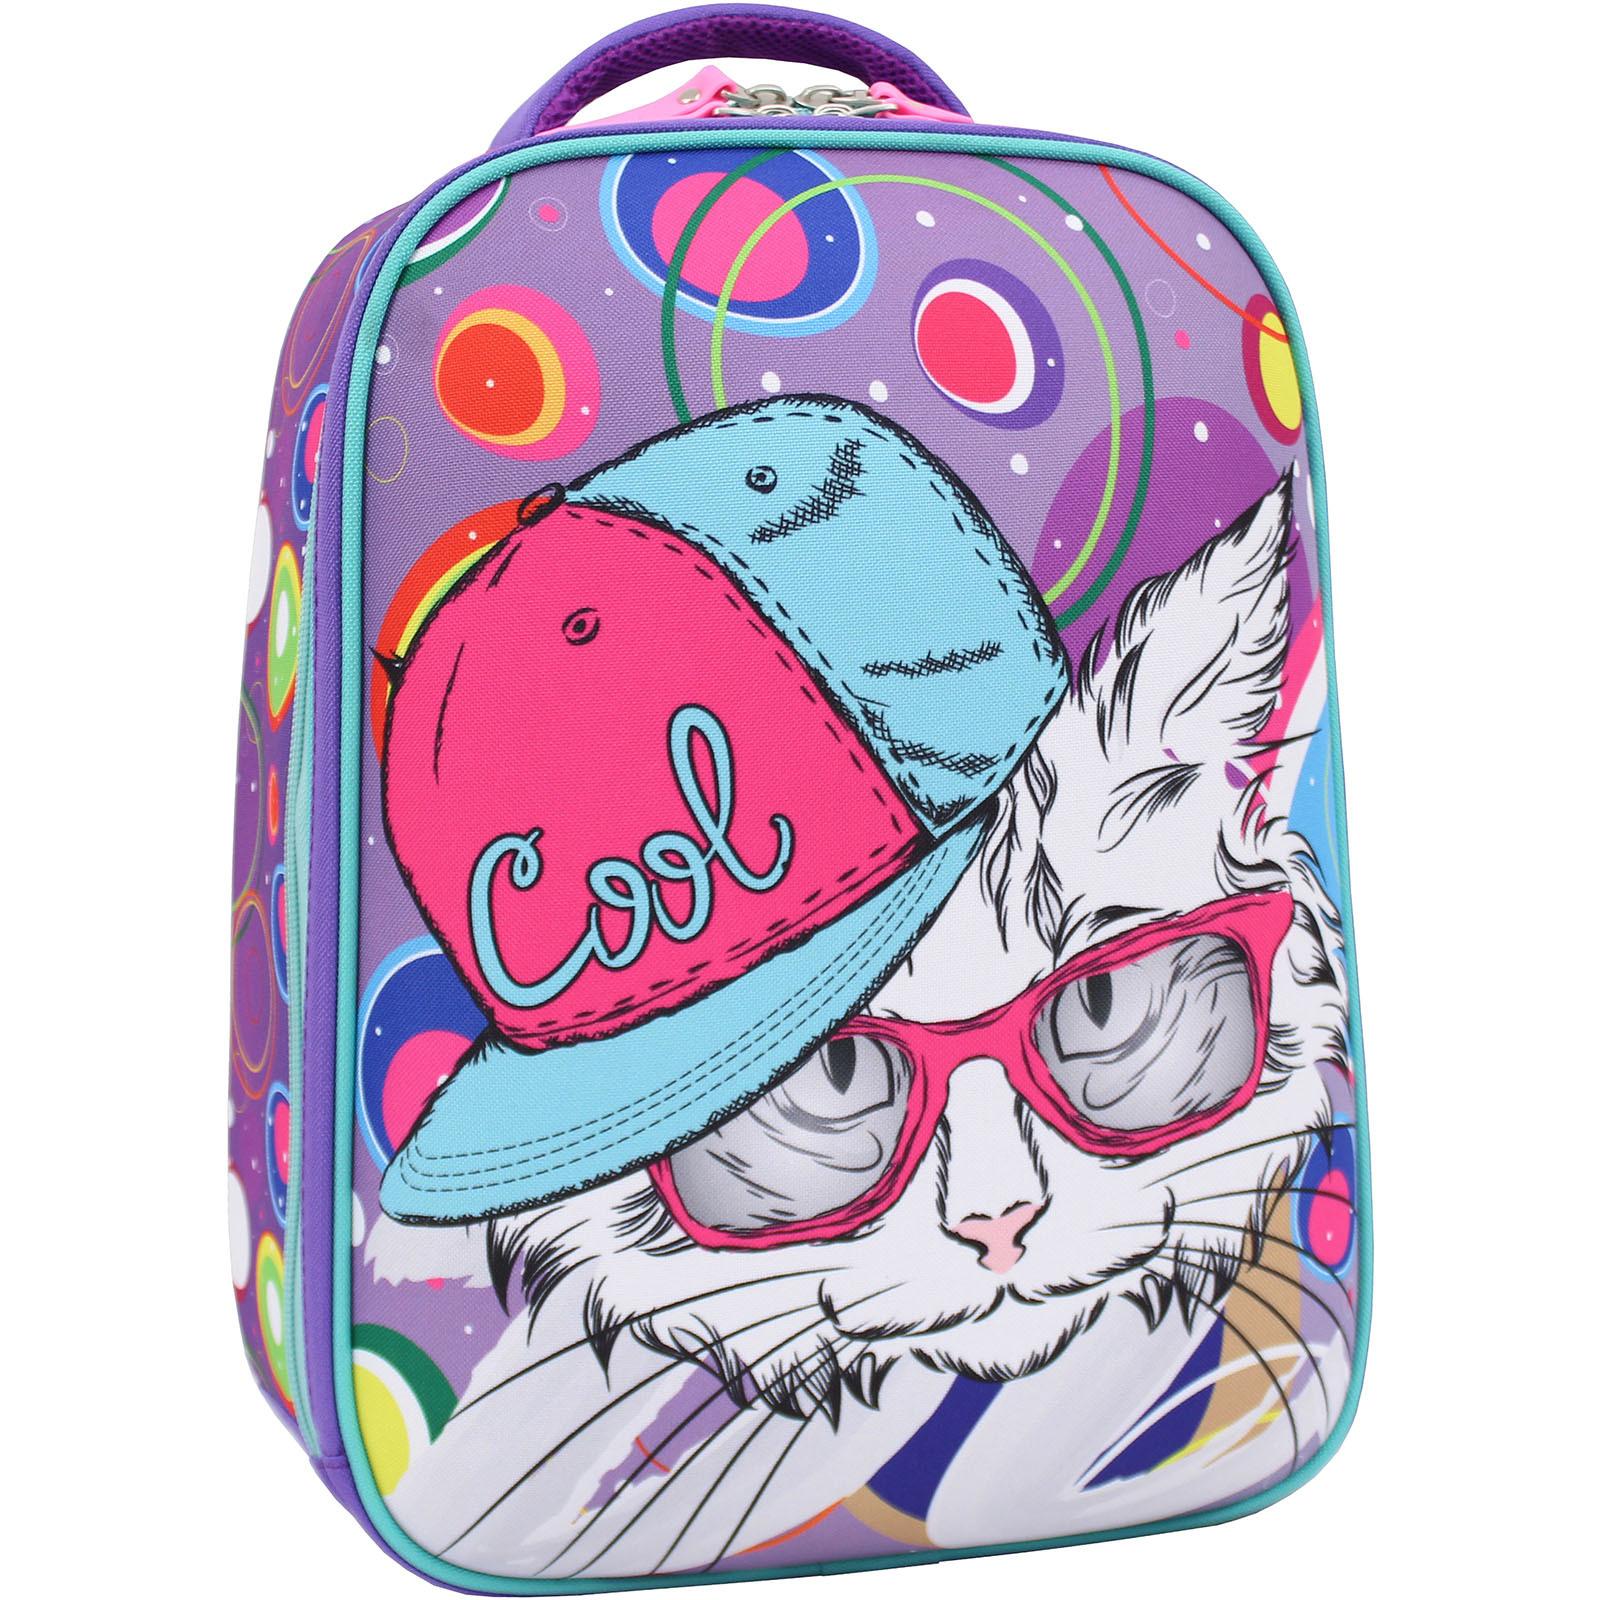 Школьные рюкзаки Рюкзак Bagland Turtle 17 л. фиолетовый 501 (0013466) IMG_1786_суб.501_.JPG